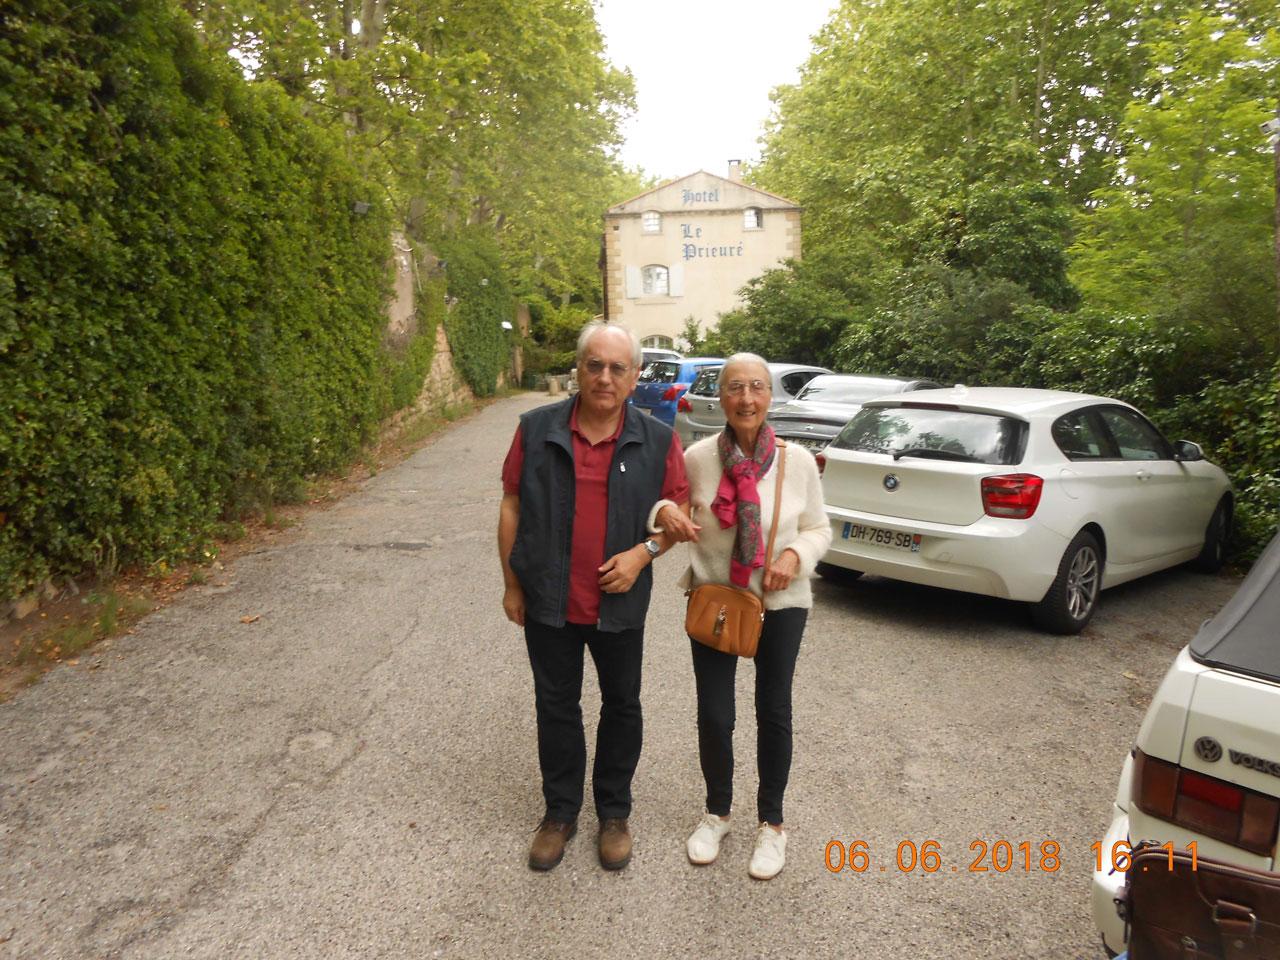 Ο ποιητής με την μεταφράστρια Janin Kaminski στο Aix-En-Provence τον Ιούνιο του 2018